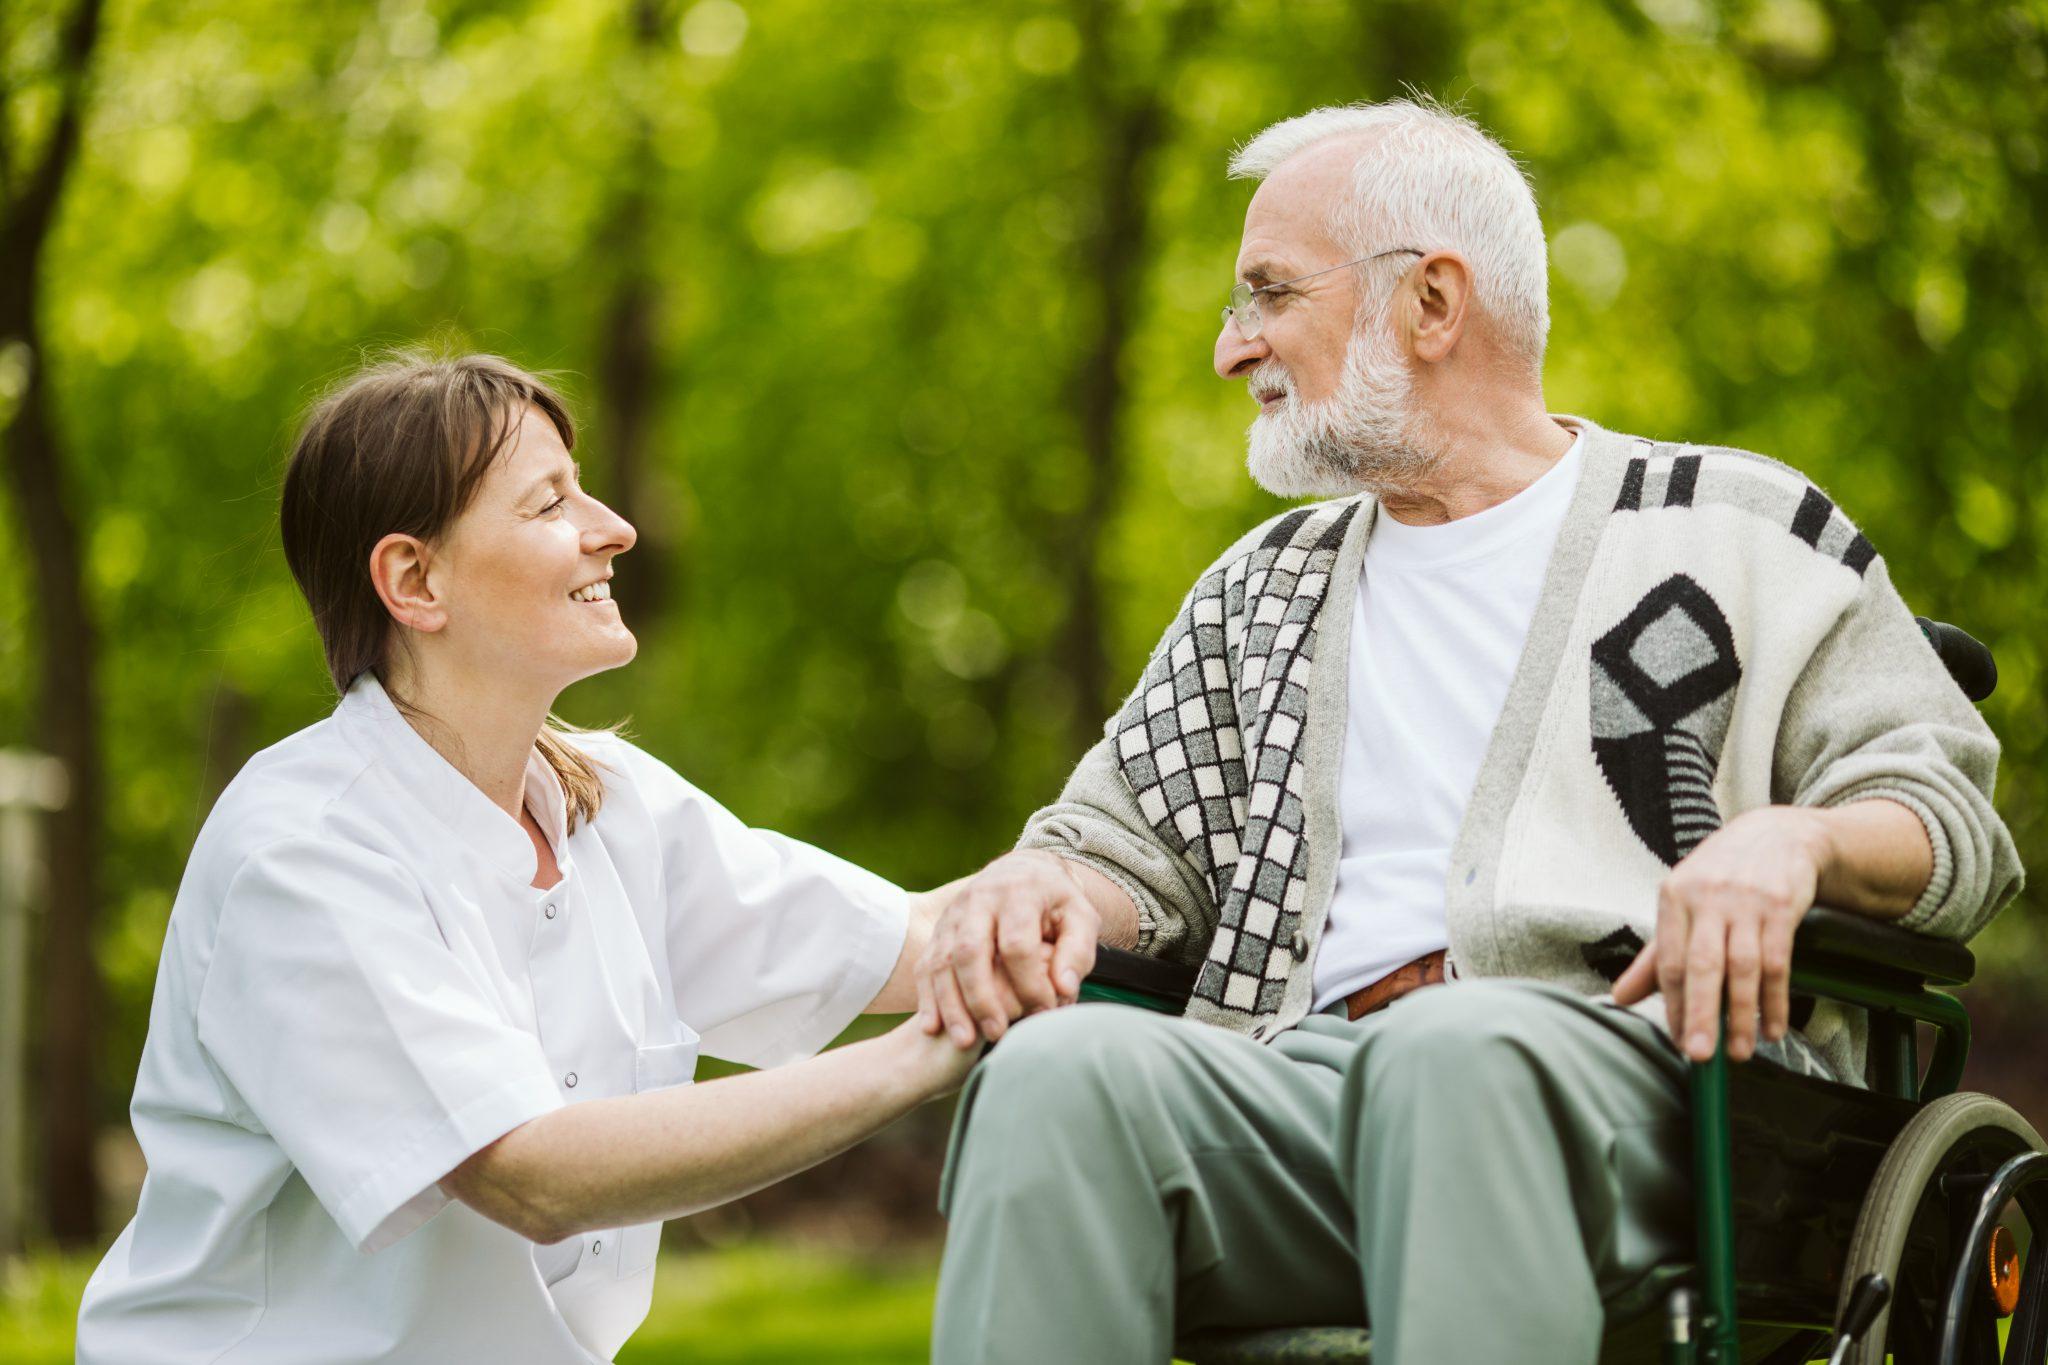 Cuidador de idosos: conheça as principais funções